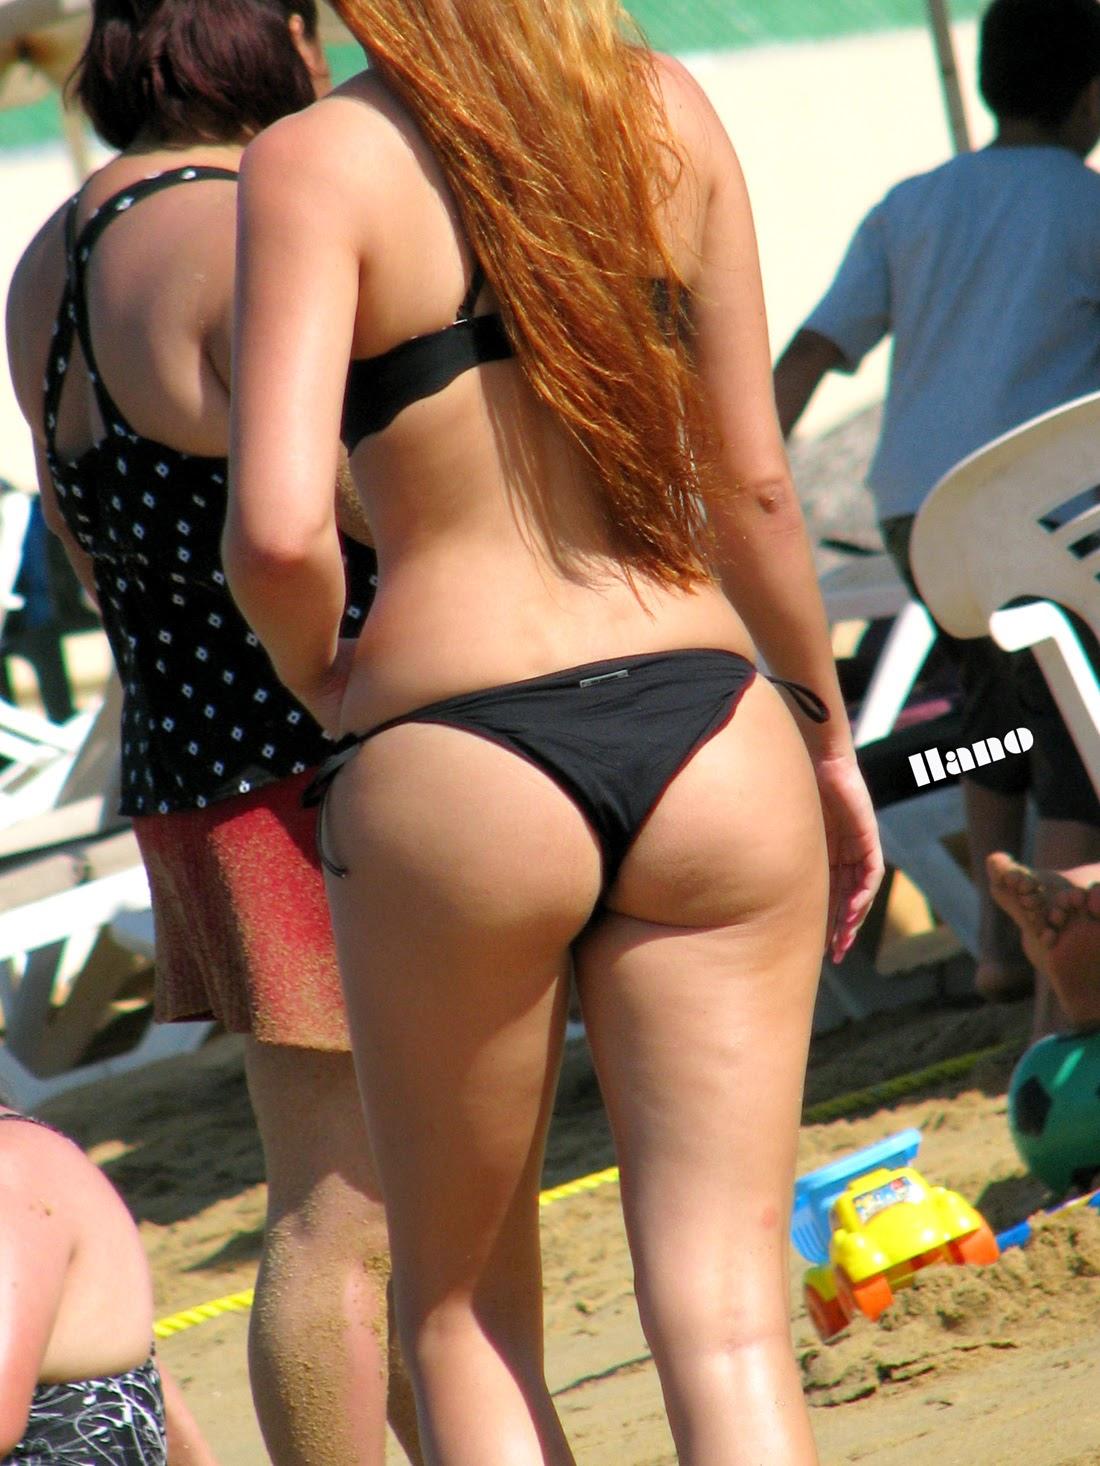 Beach Bikini Girls Video